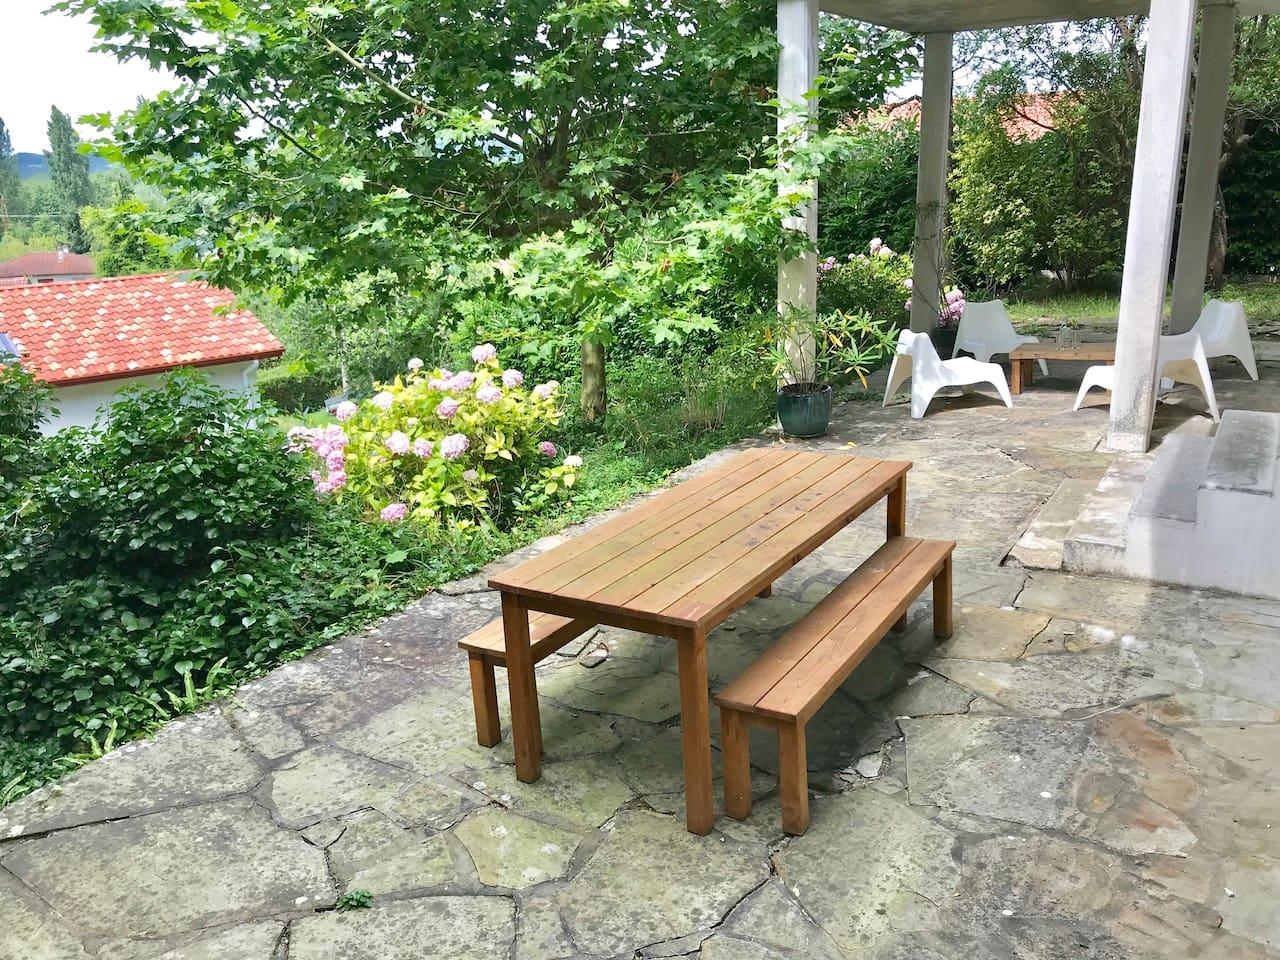 Appartement  situé en bas d'une maison traditionnelle basque avec entrée privative et places de parking. Terrasse privative de 70 m2 avec grande table en bois pour déjeuner et petit coin salon abrité...au milieu de la verdure!